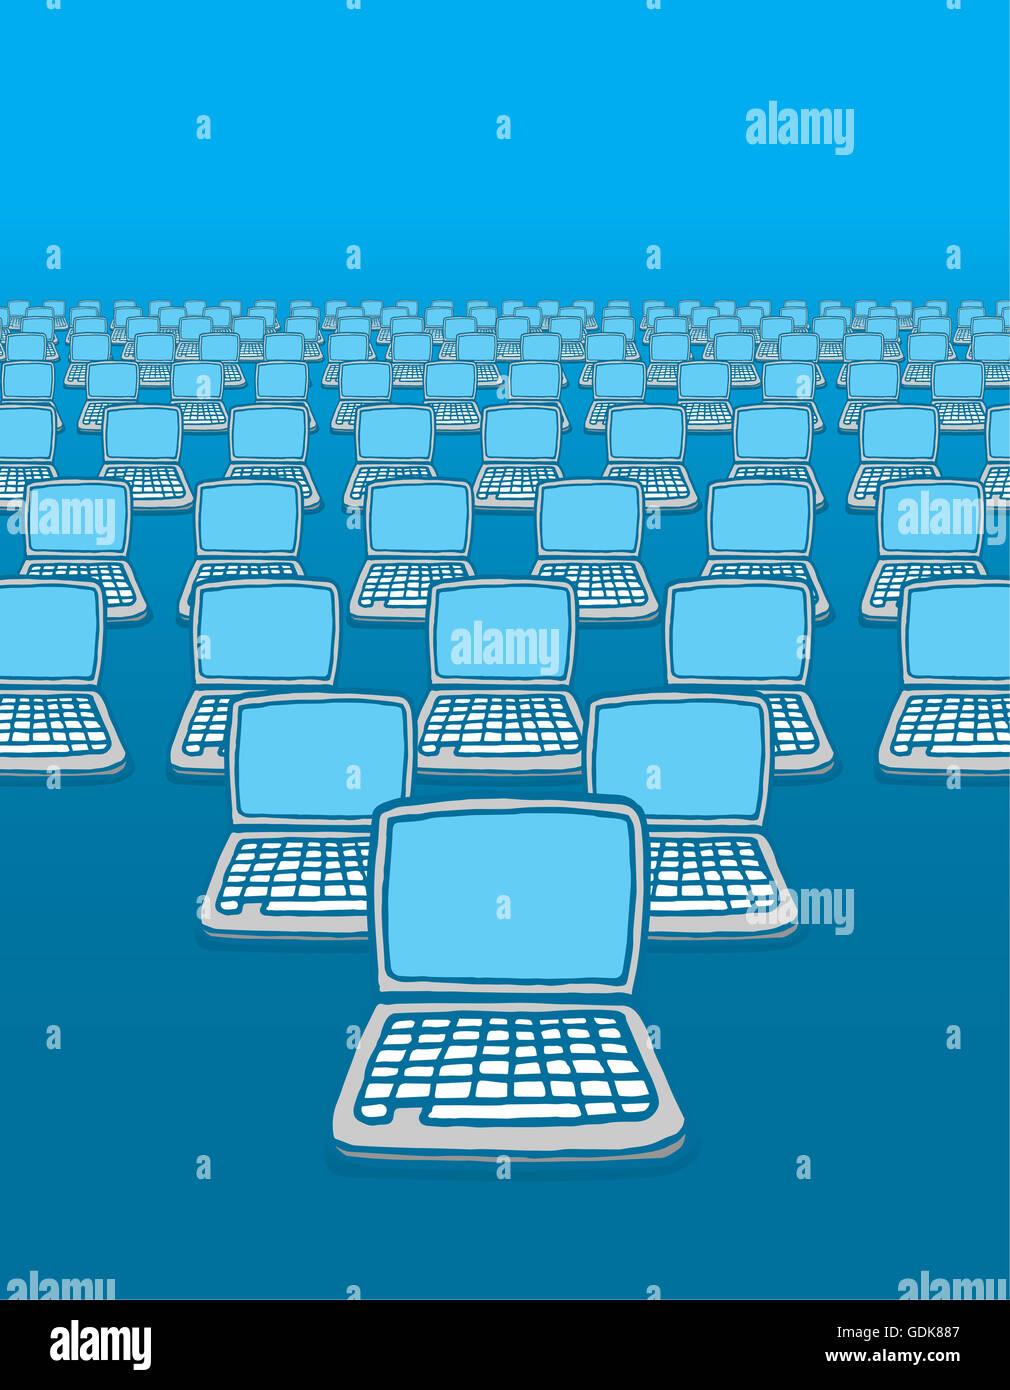 Cartoon ilustración de muchos ordenadores conectados a internet. Imagen De Stock